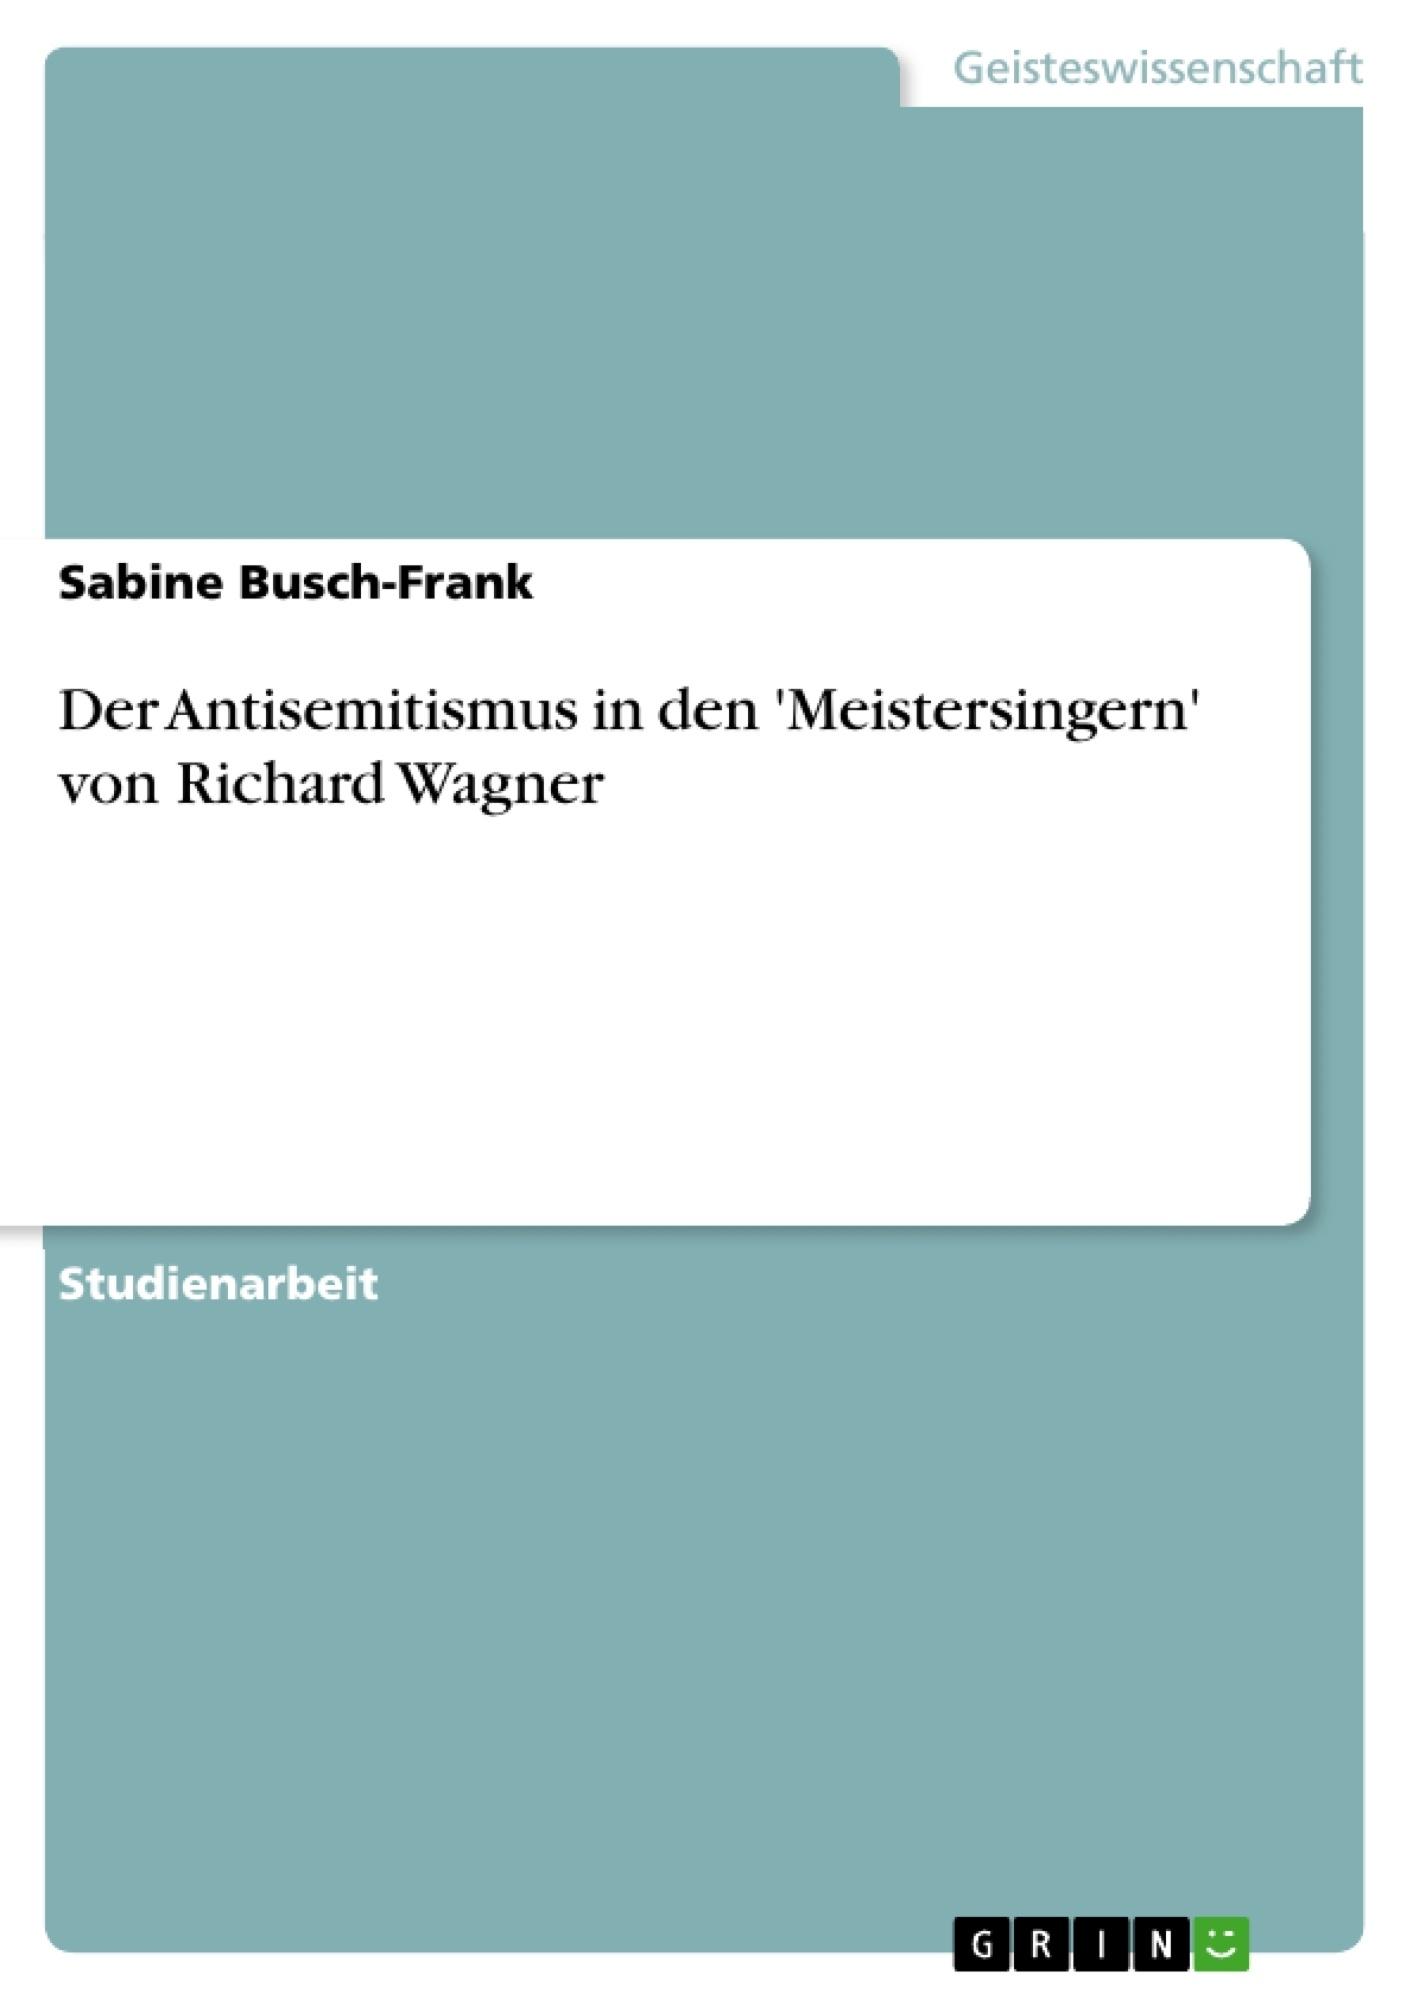 Titel: Der Antisemitismus in den 'Meistersingern' von Richard Wagner